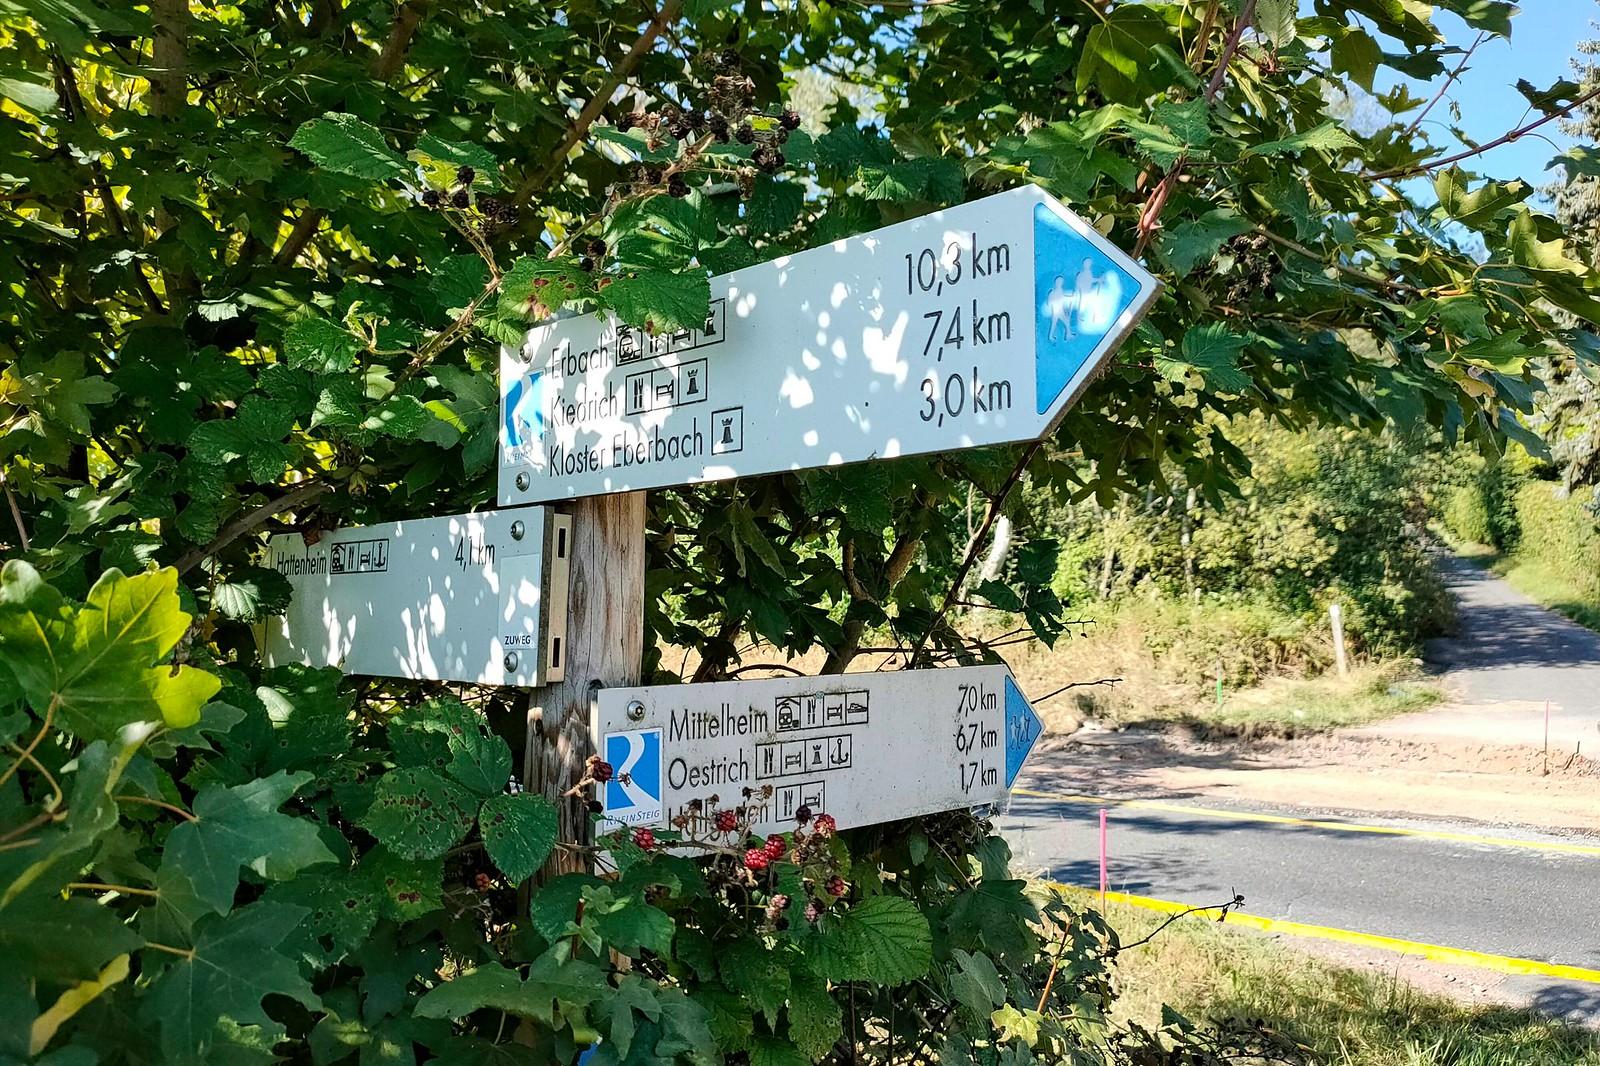 Wegezeichen an der K634